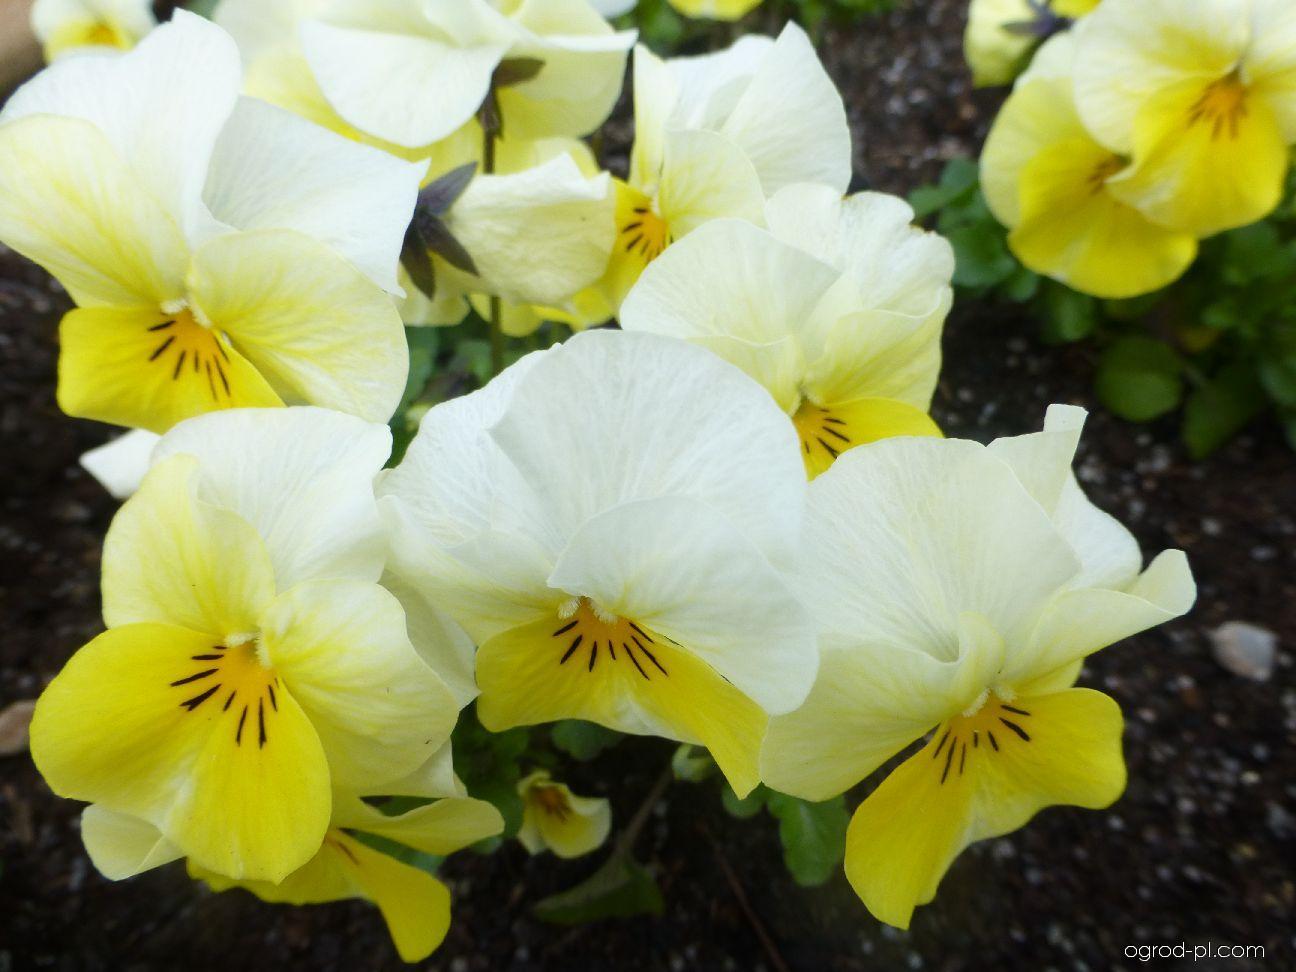 Maceška drobnokvětá Twix Primrose - květ (Viola cornuta)